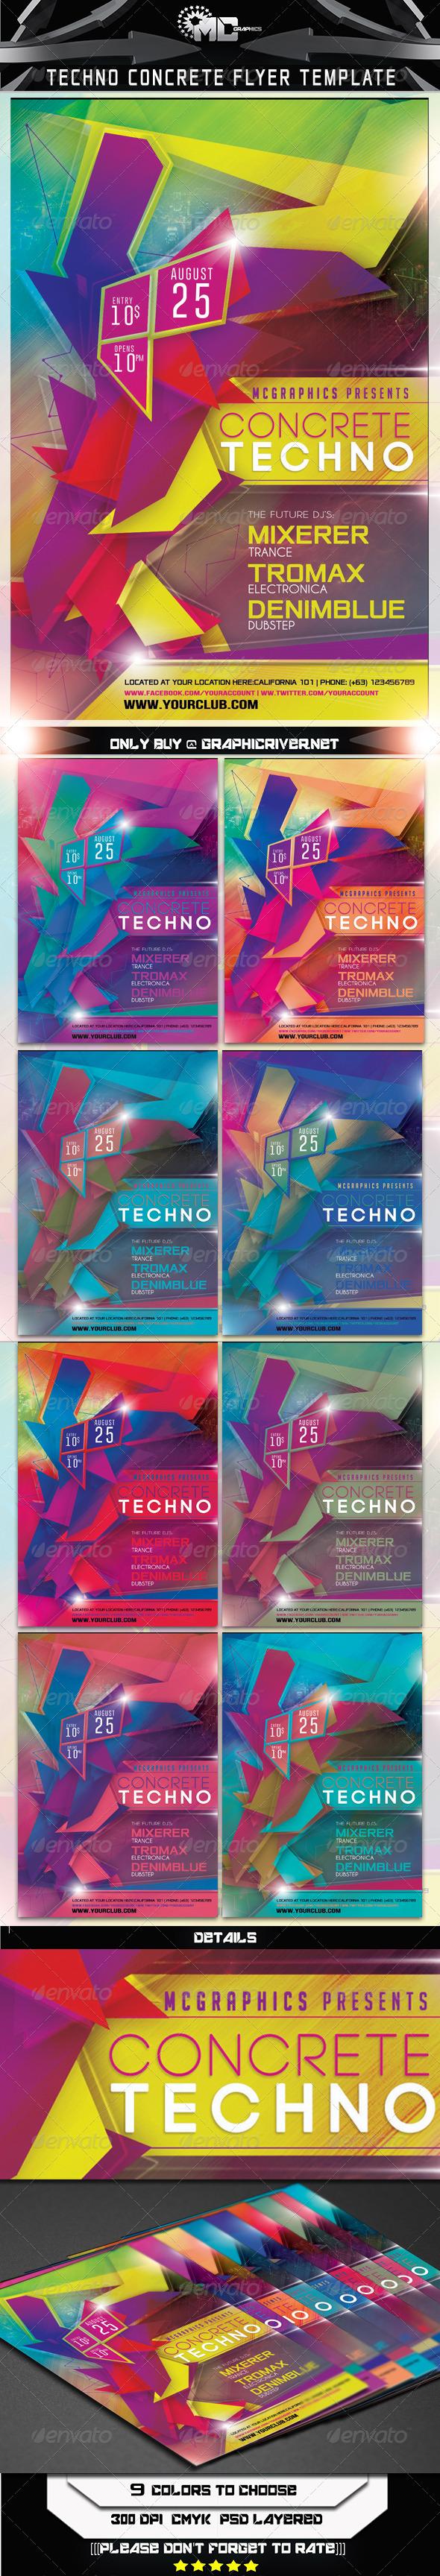 GraphicRiver Techno Concrete Flyer Template 6982694